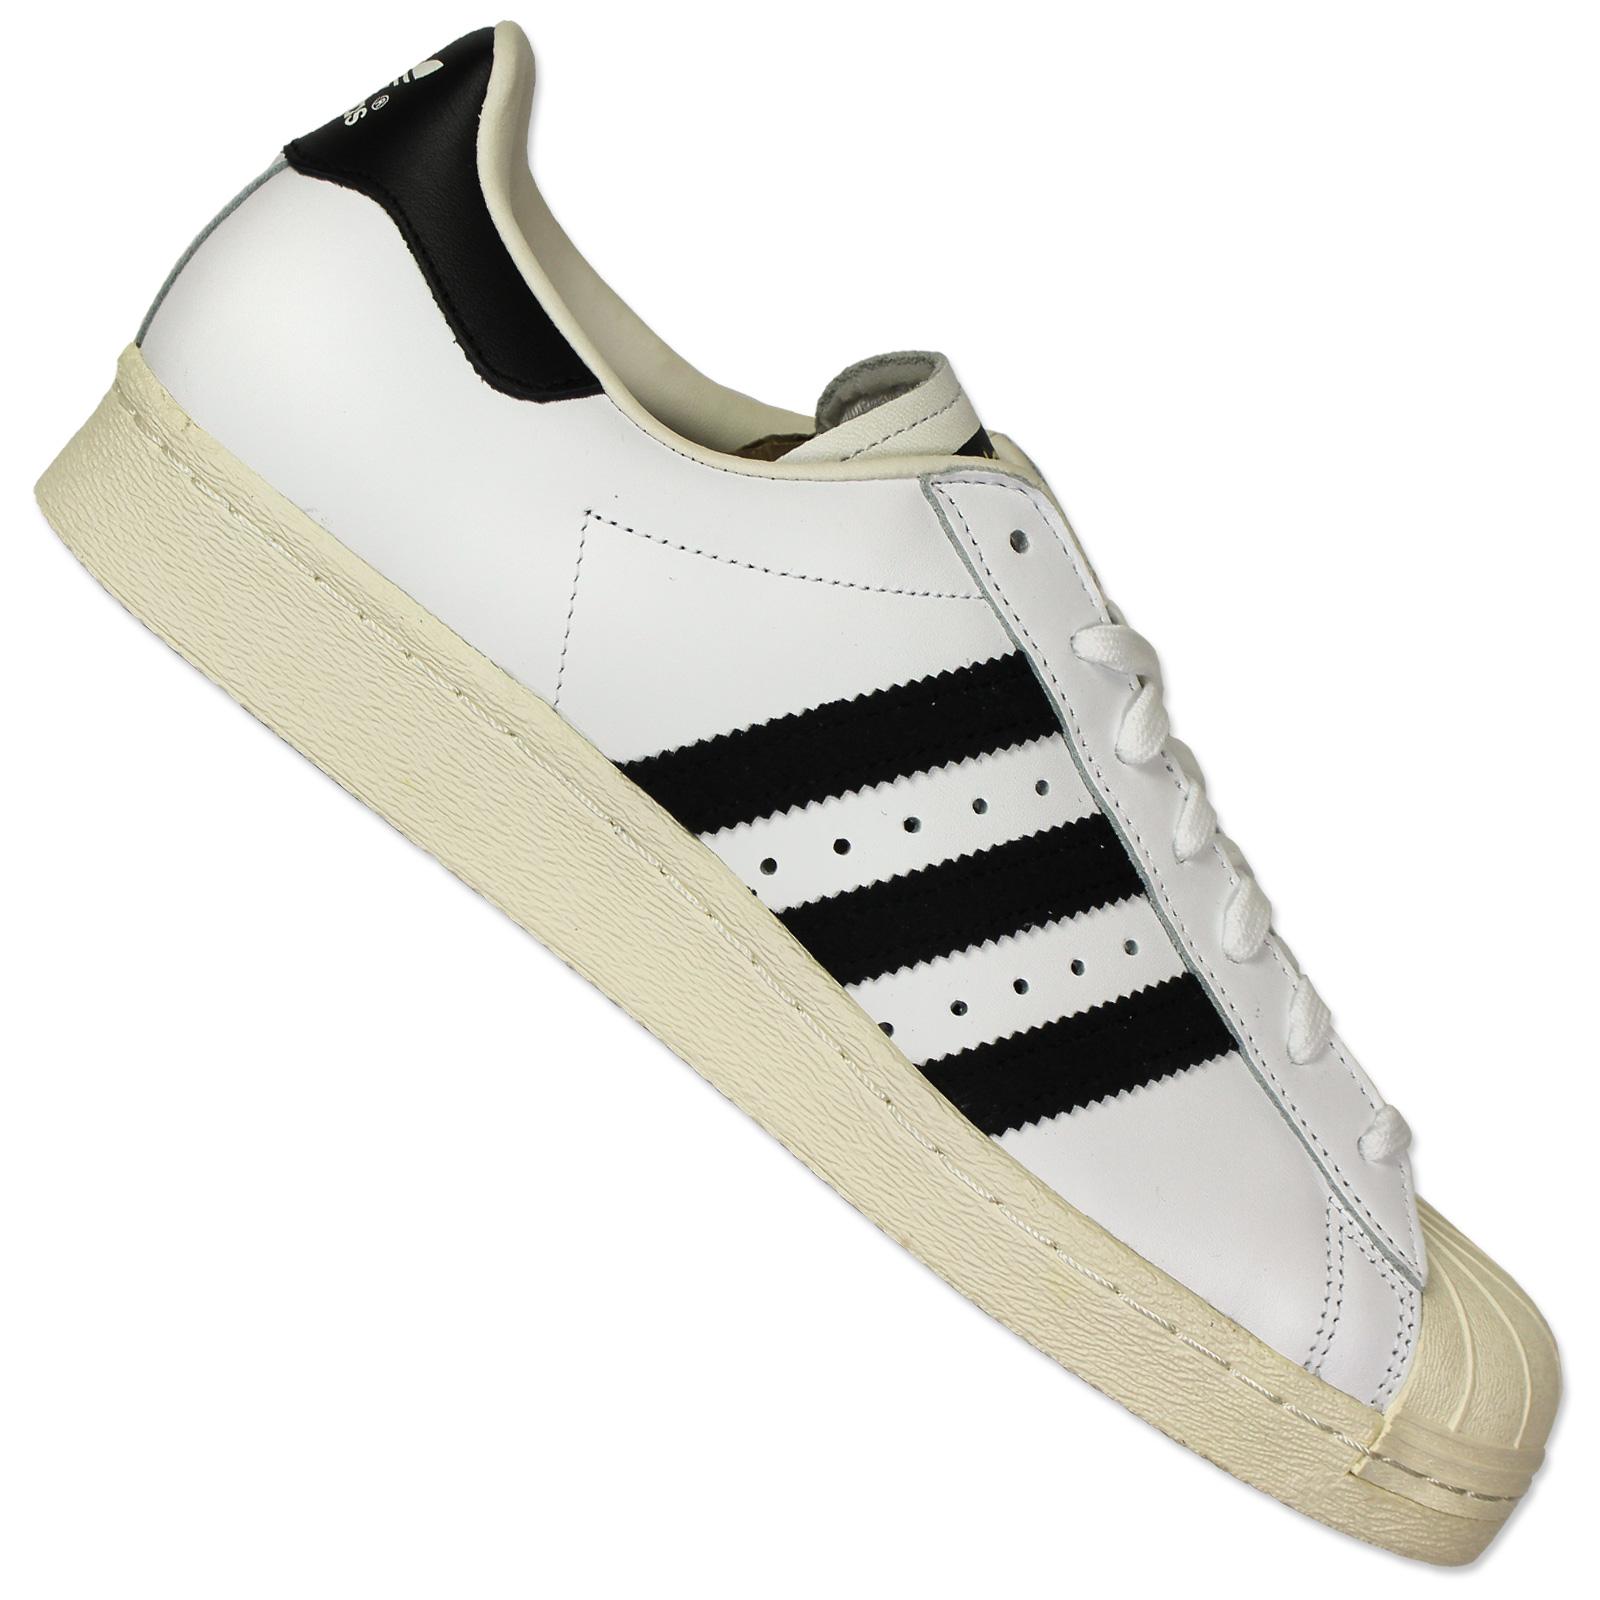 Adidas Superstar II Leder WhiteBlack weissschwarz